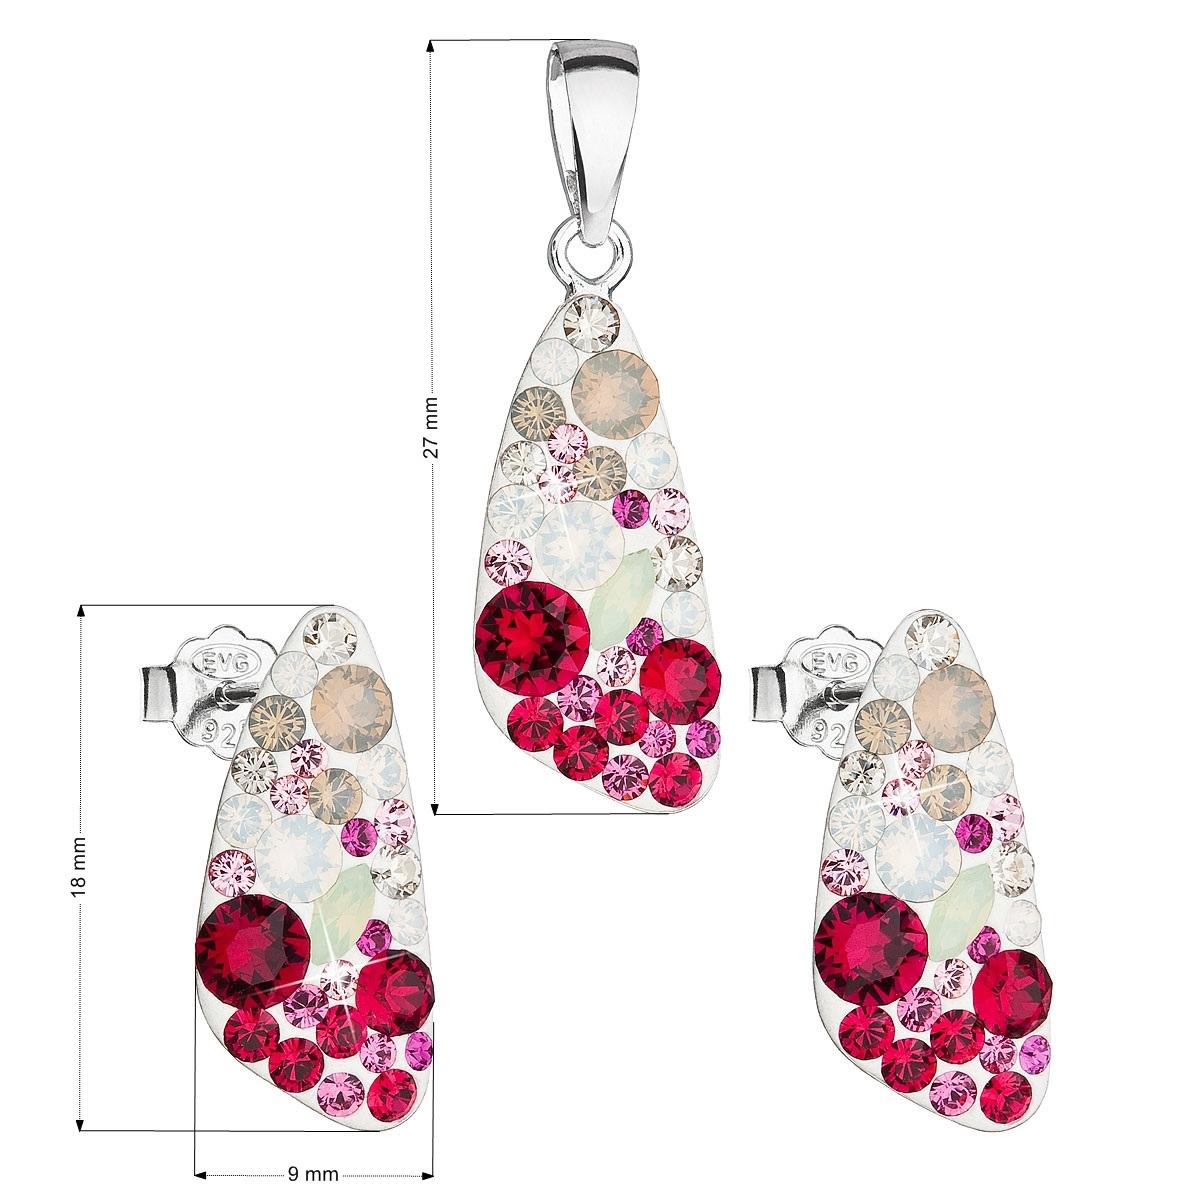 Sada šperkov s kryštálmi Swarovski náušnice a prívesok, Sweet Love